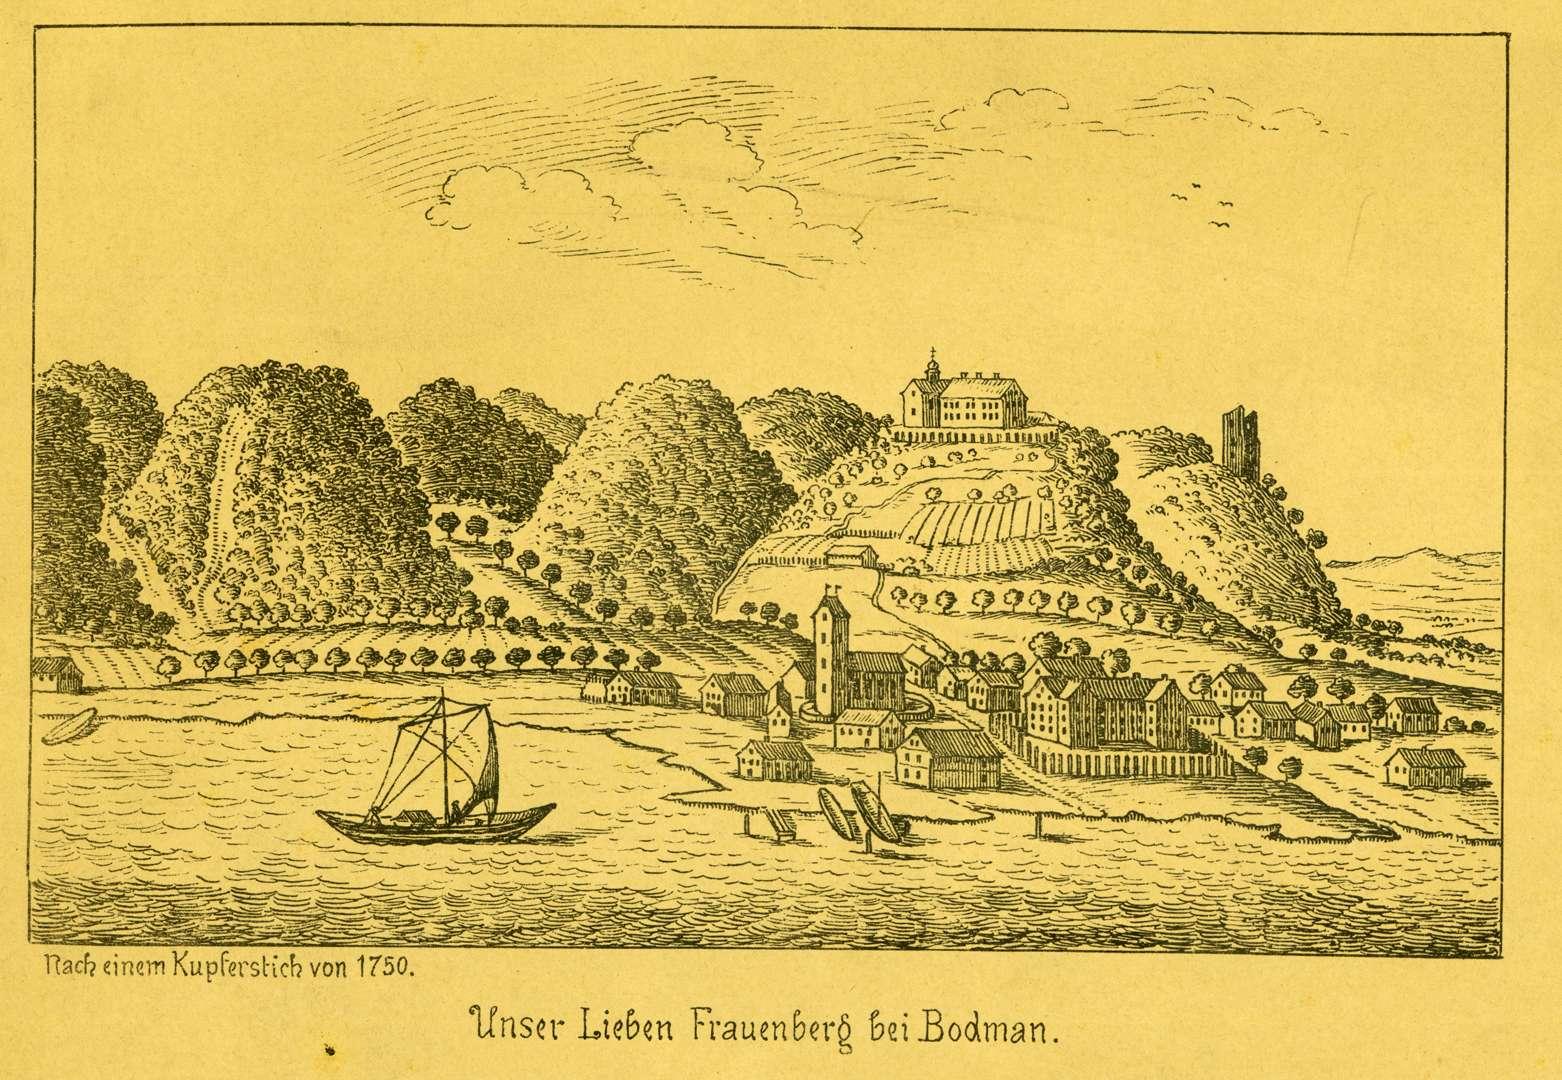 Unser Lieben Frauenberg bei Bodman, Bild 1